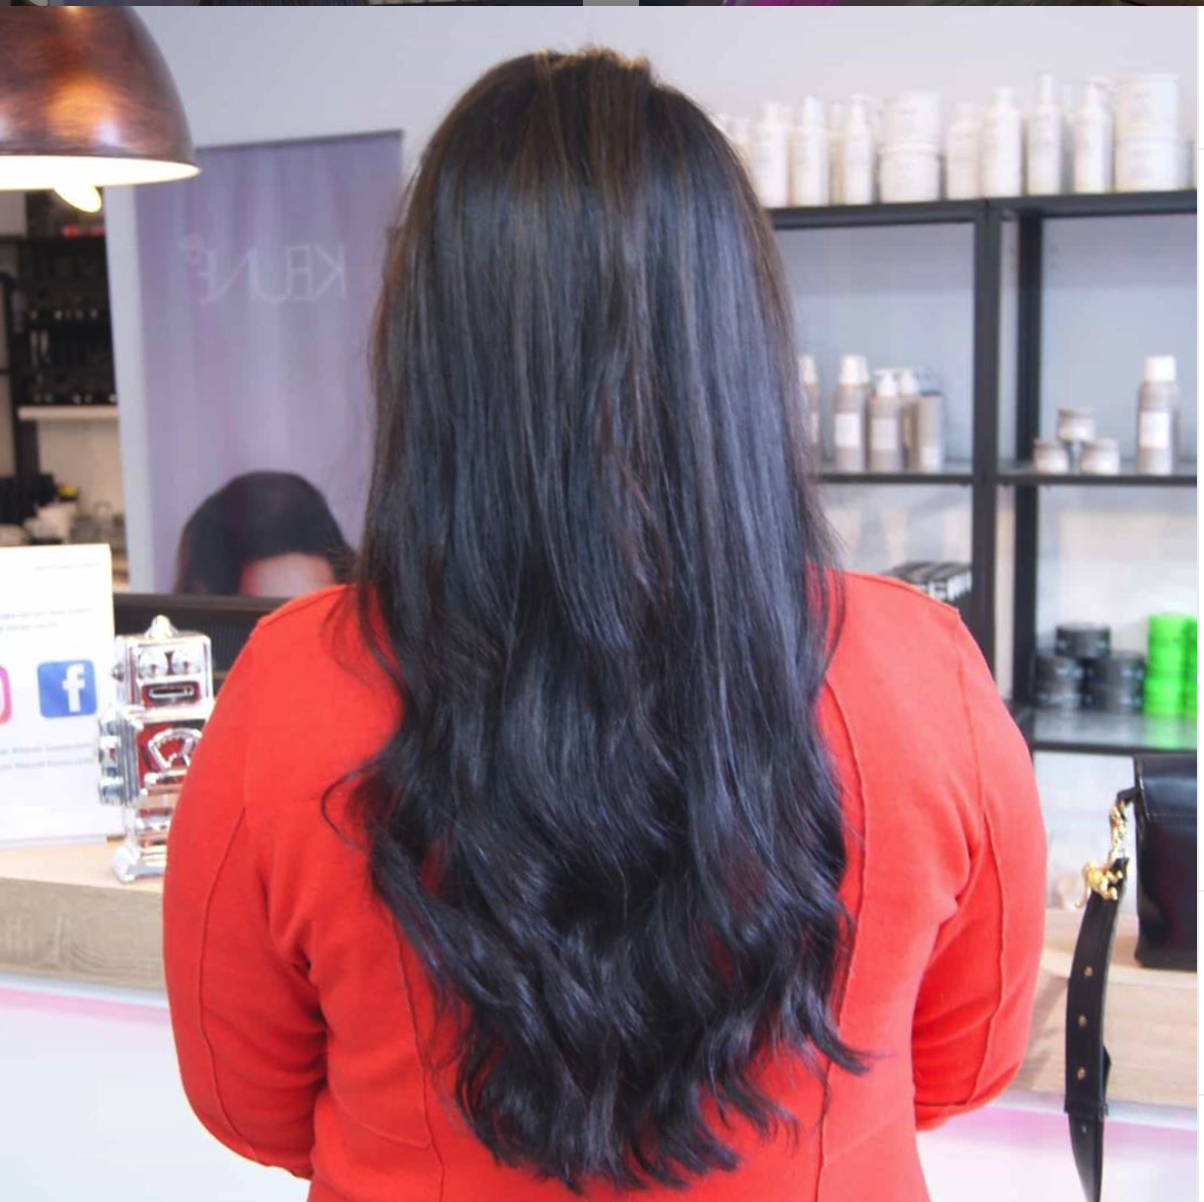 lang haar kleuren kapper zutphen